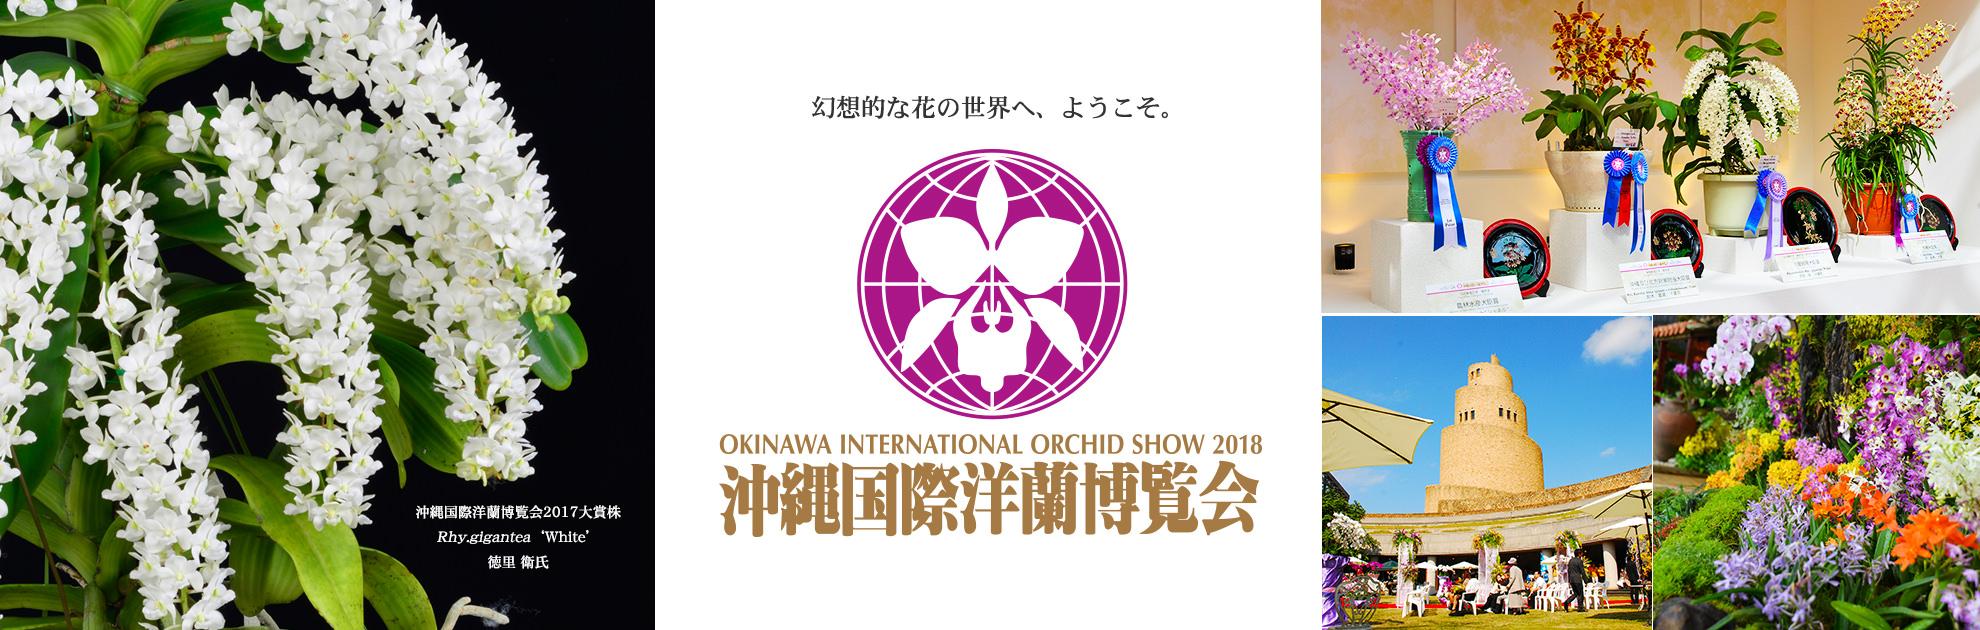 okinawakokusaiyoranhaku*kai 2018